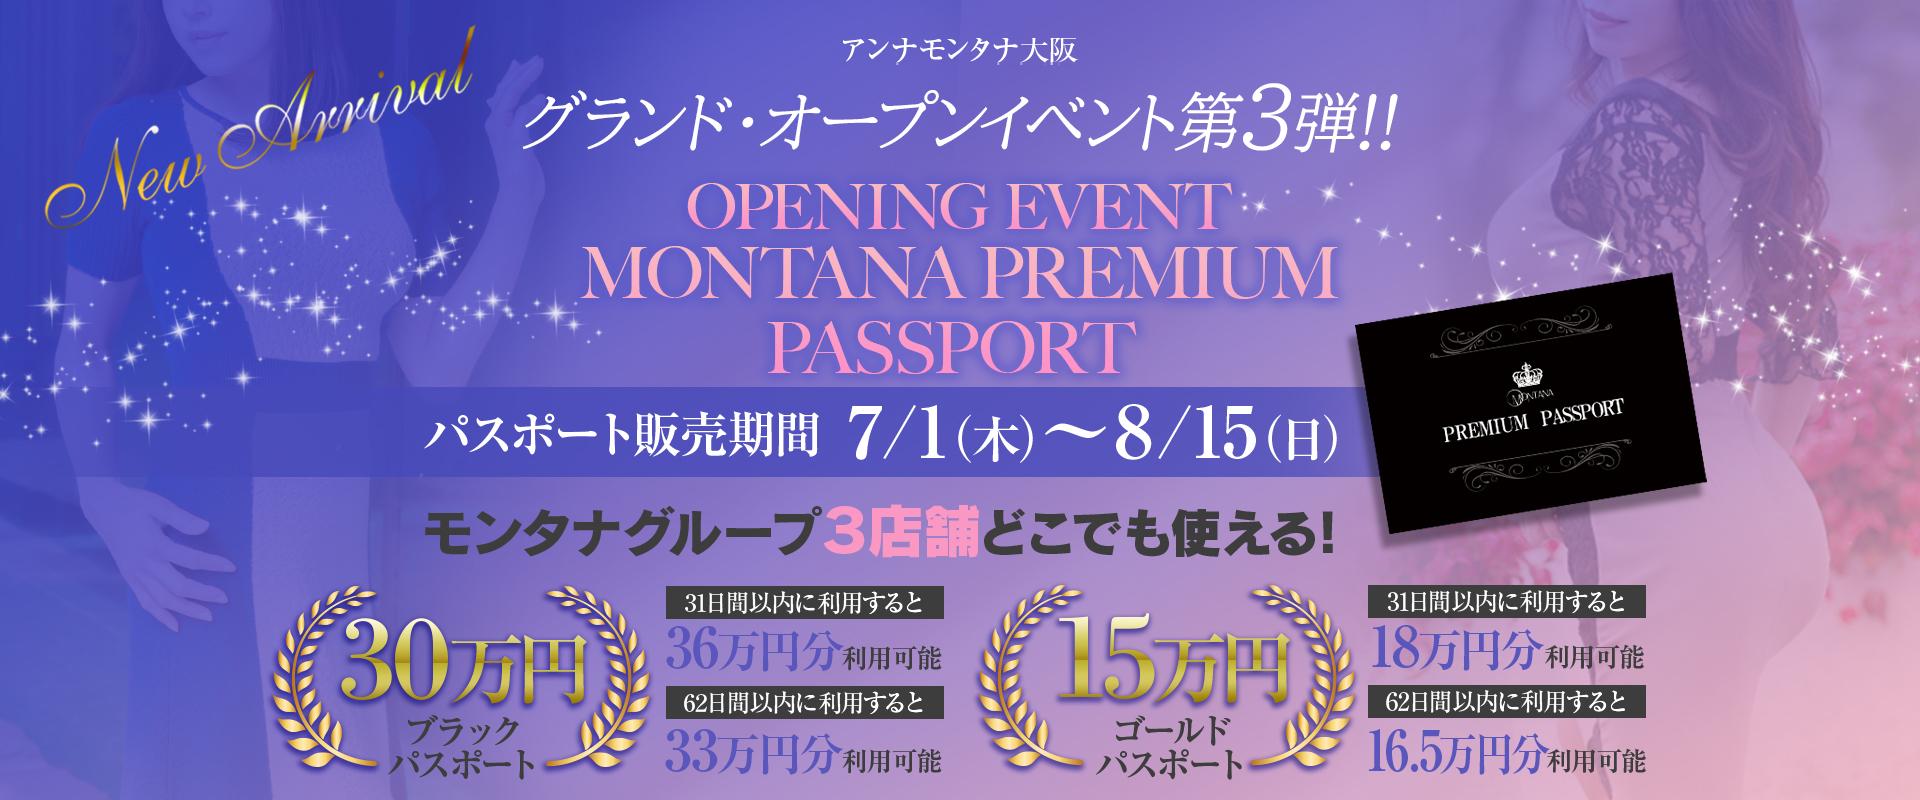 アンナモンタナ大阪グランドオープンイベント第三弾~プレミアム・パスポート~